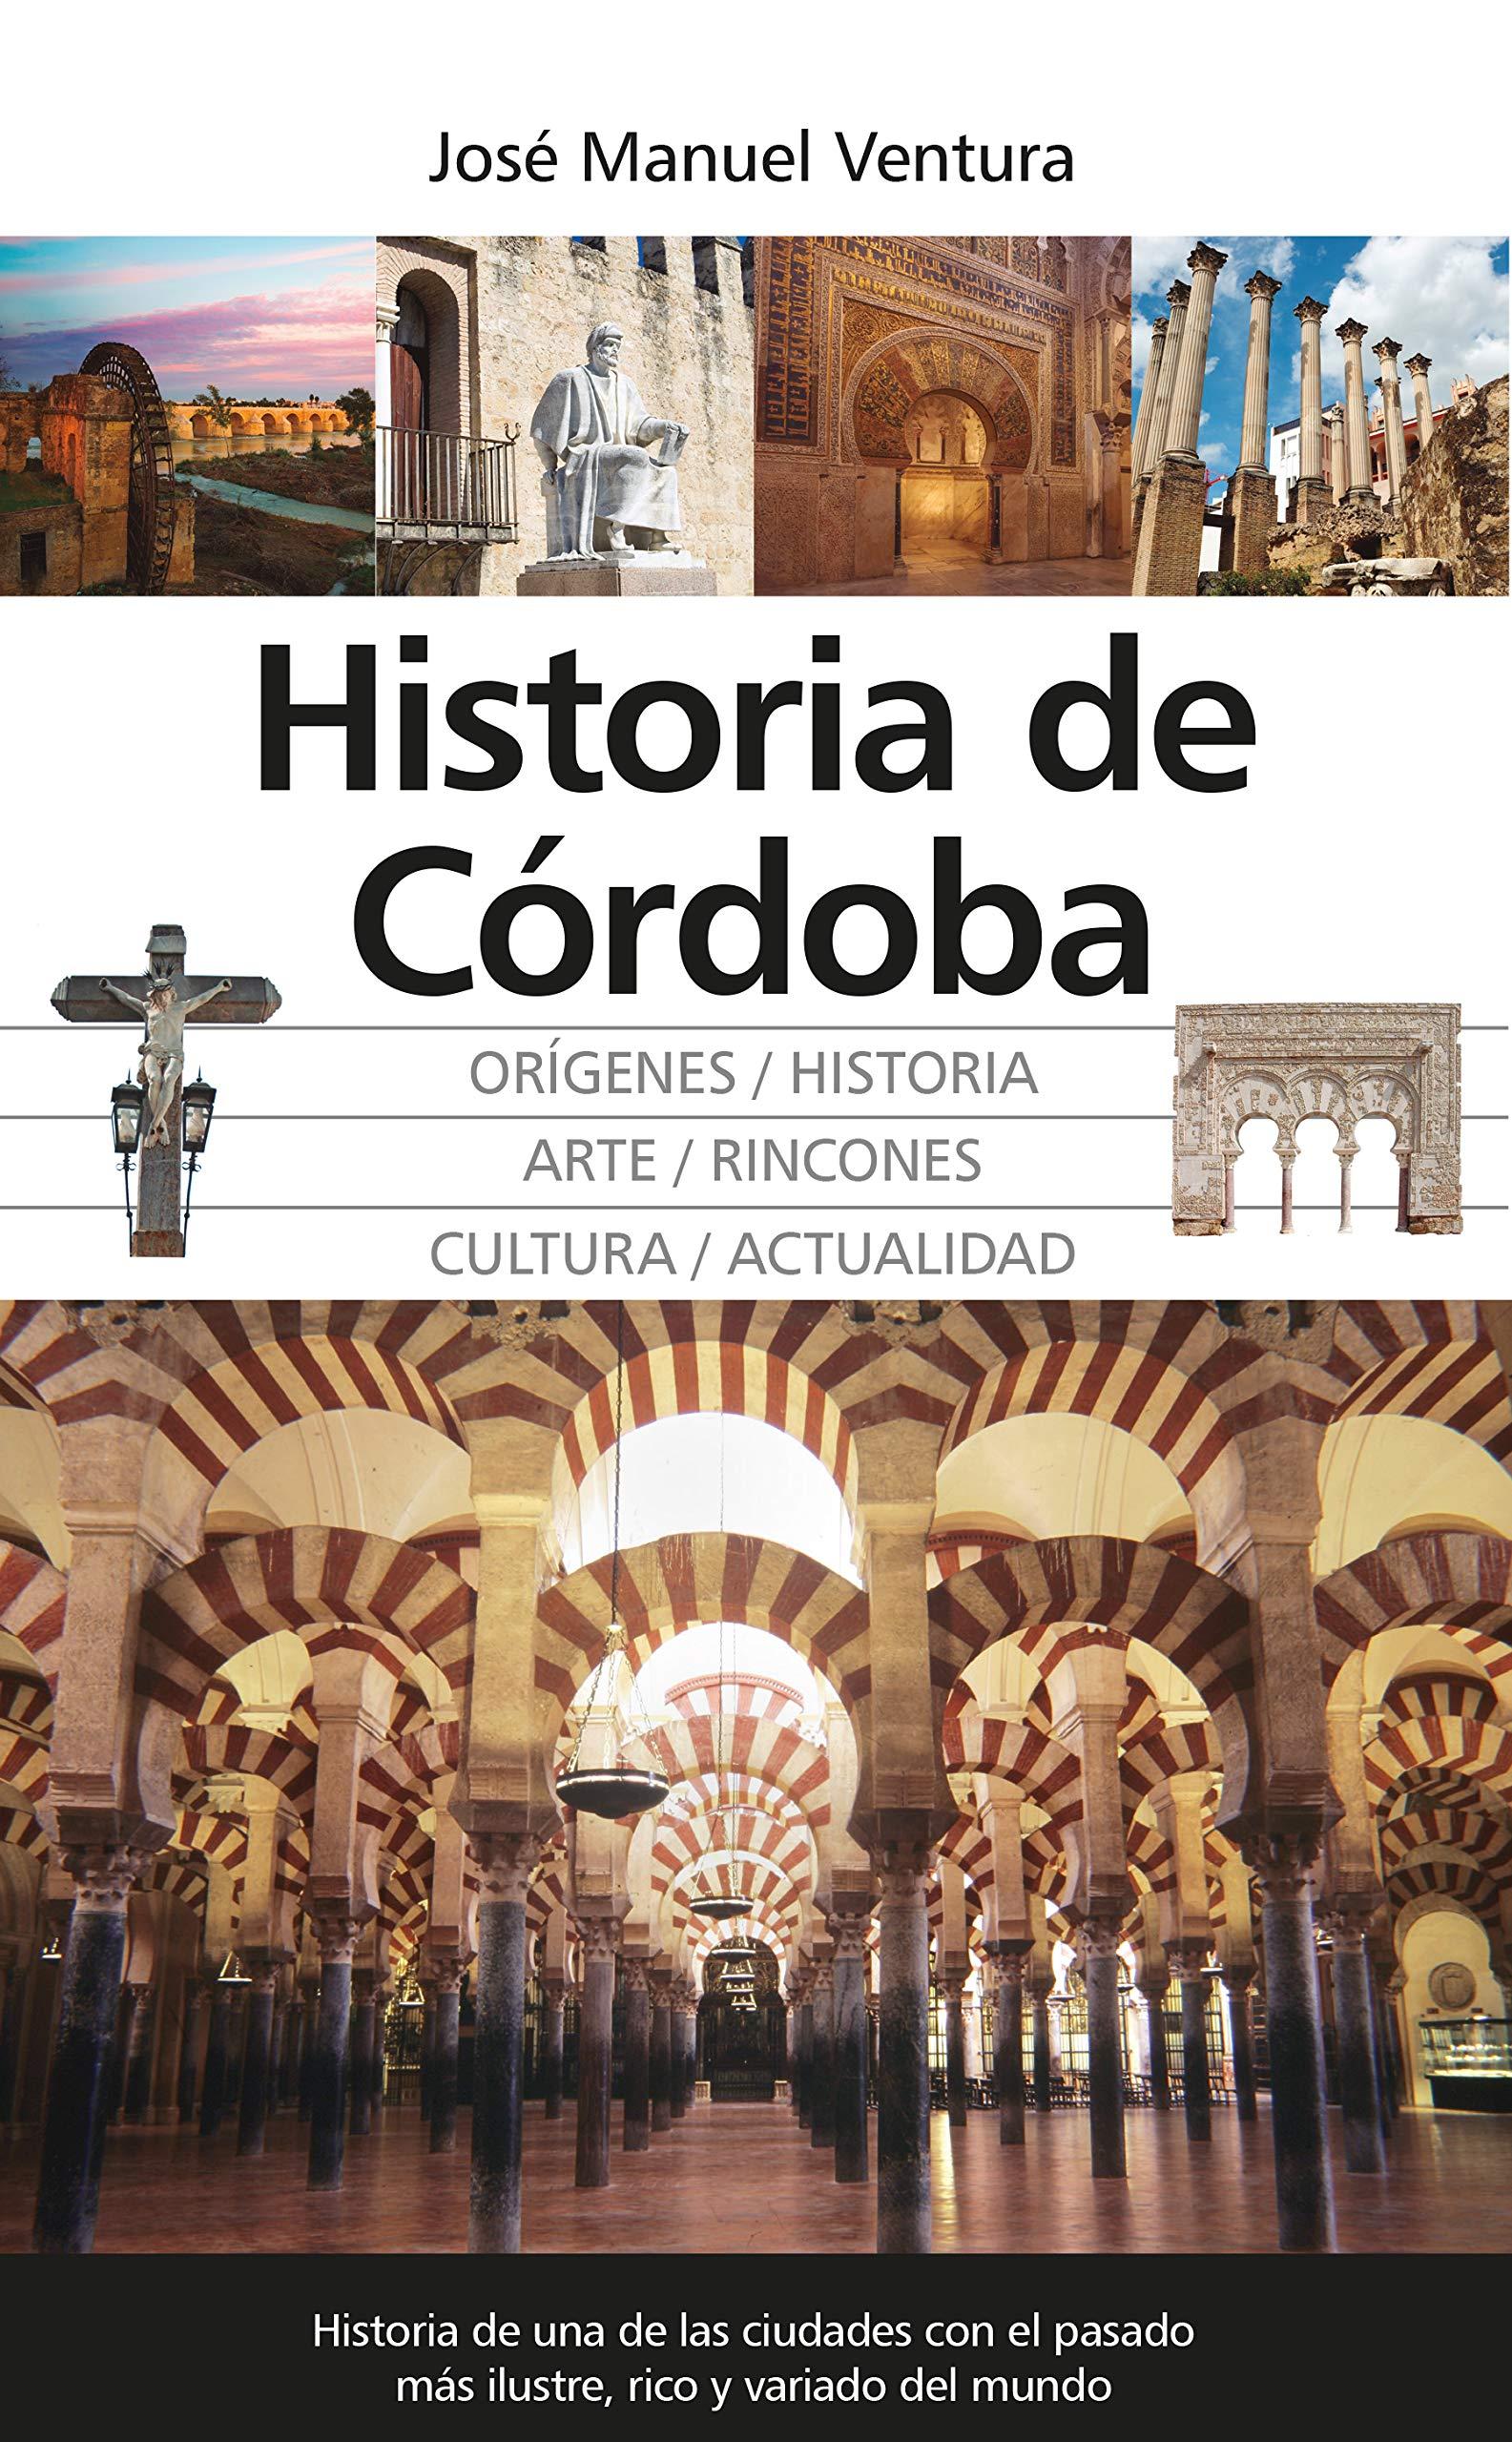 Historia de Córdoba (Andalucía): Amazon.es: Ventura Rojas, José Manuel: Libros